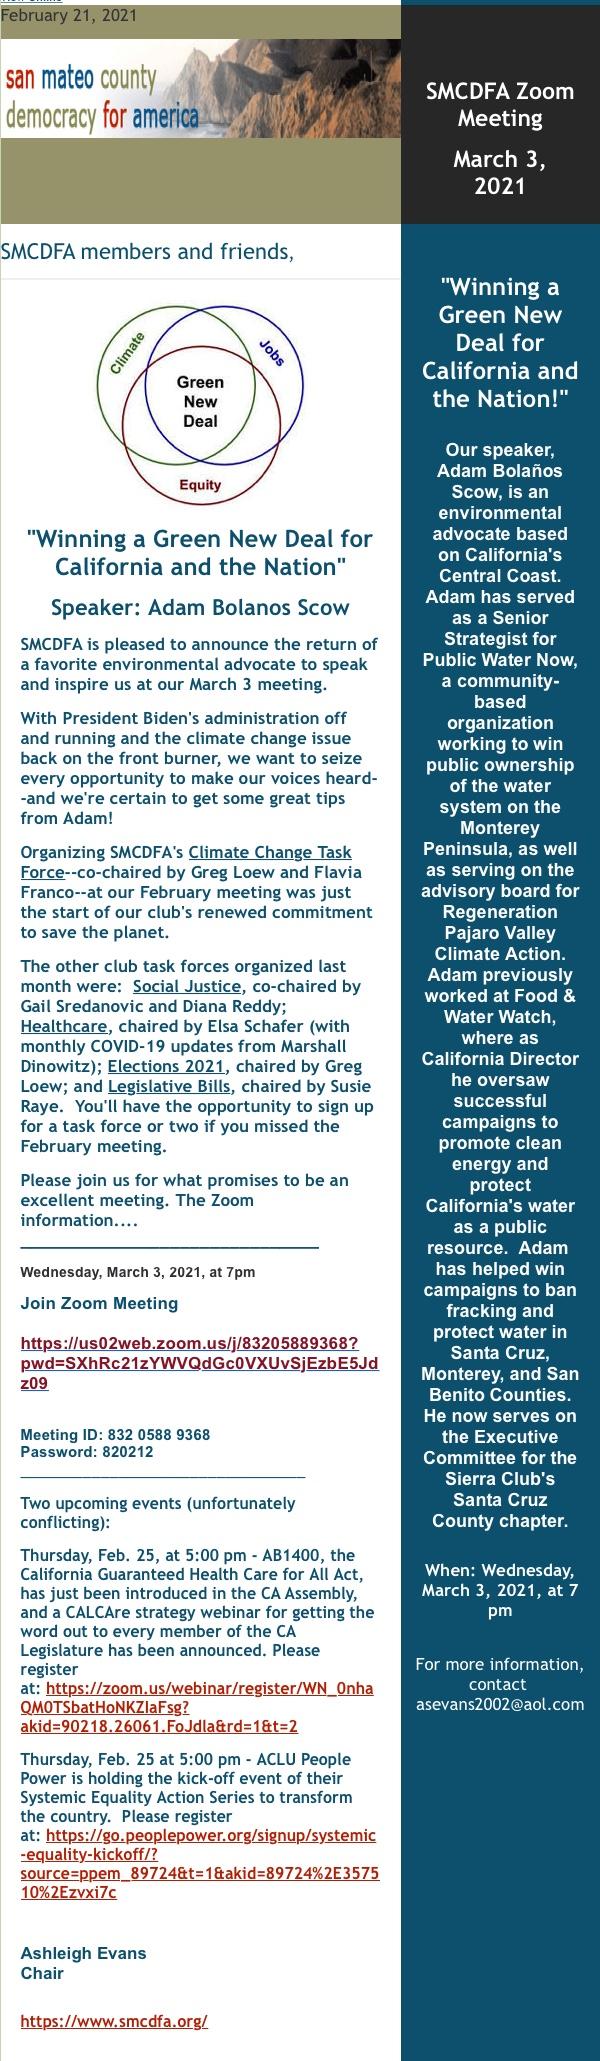 SMCDFA__Feb_2021_Newsletter.jpg